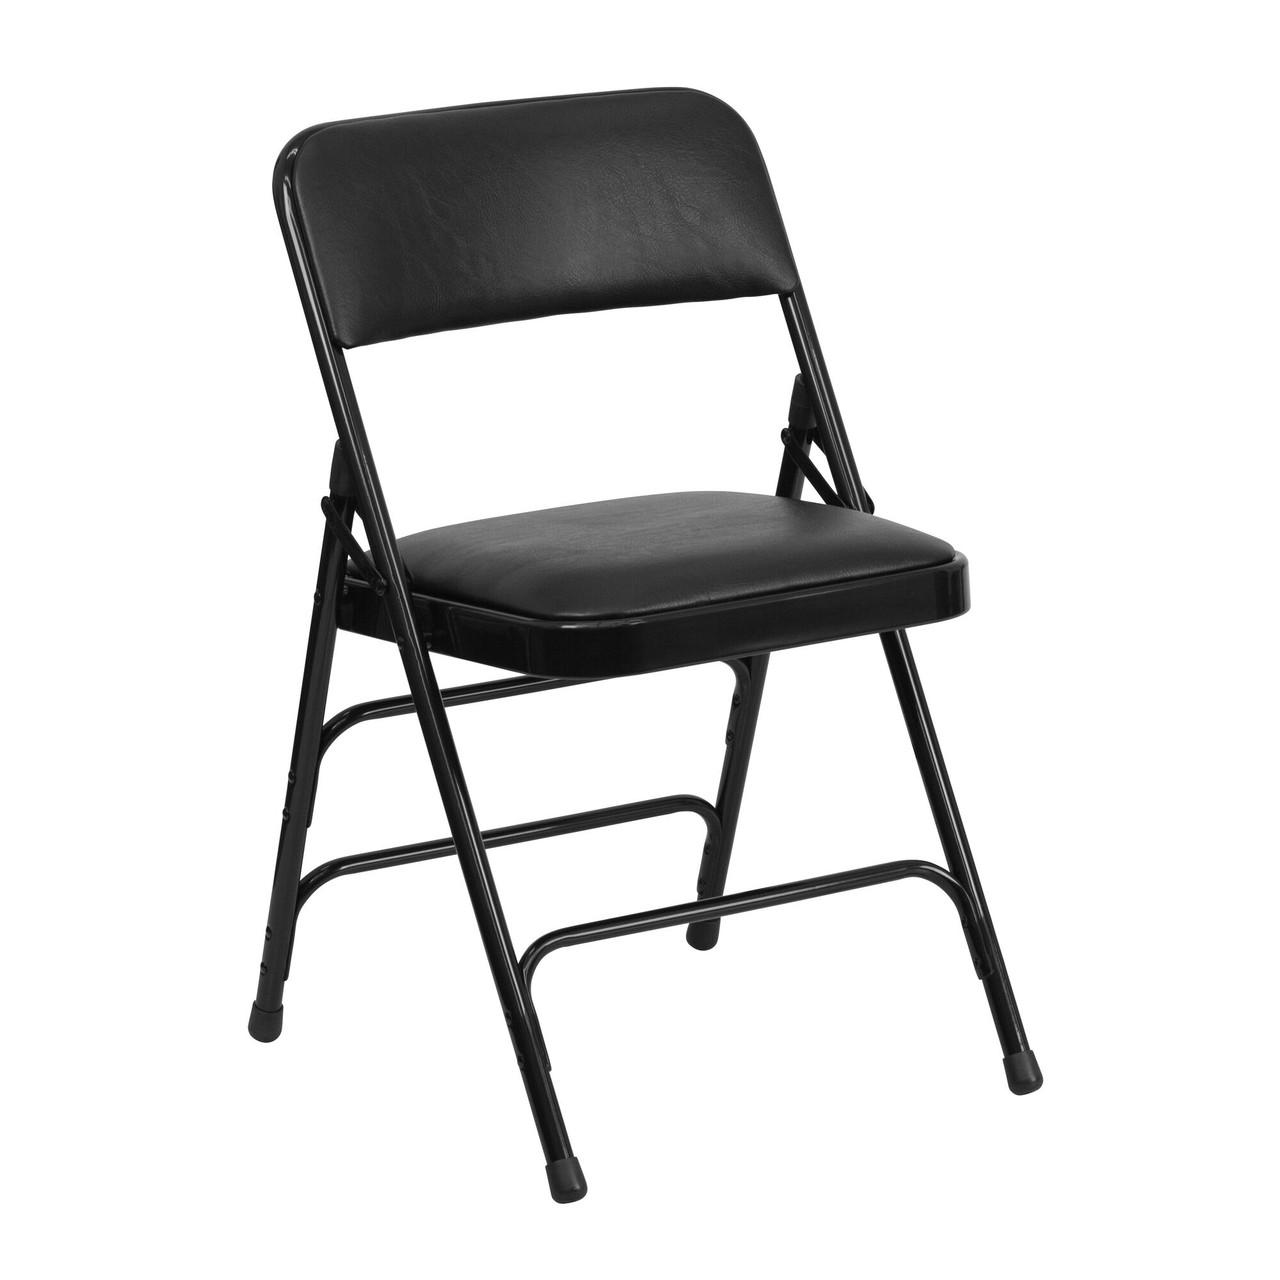 Marvelous Advantage Black Padded Metal Folding Chair Black 1 In Vinyl Seat Ha Mc309Av Bk Gg Pabps2019 Chair Design Images Pabps2019Com